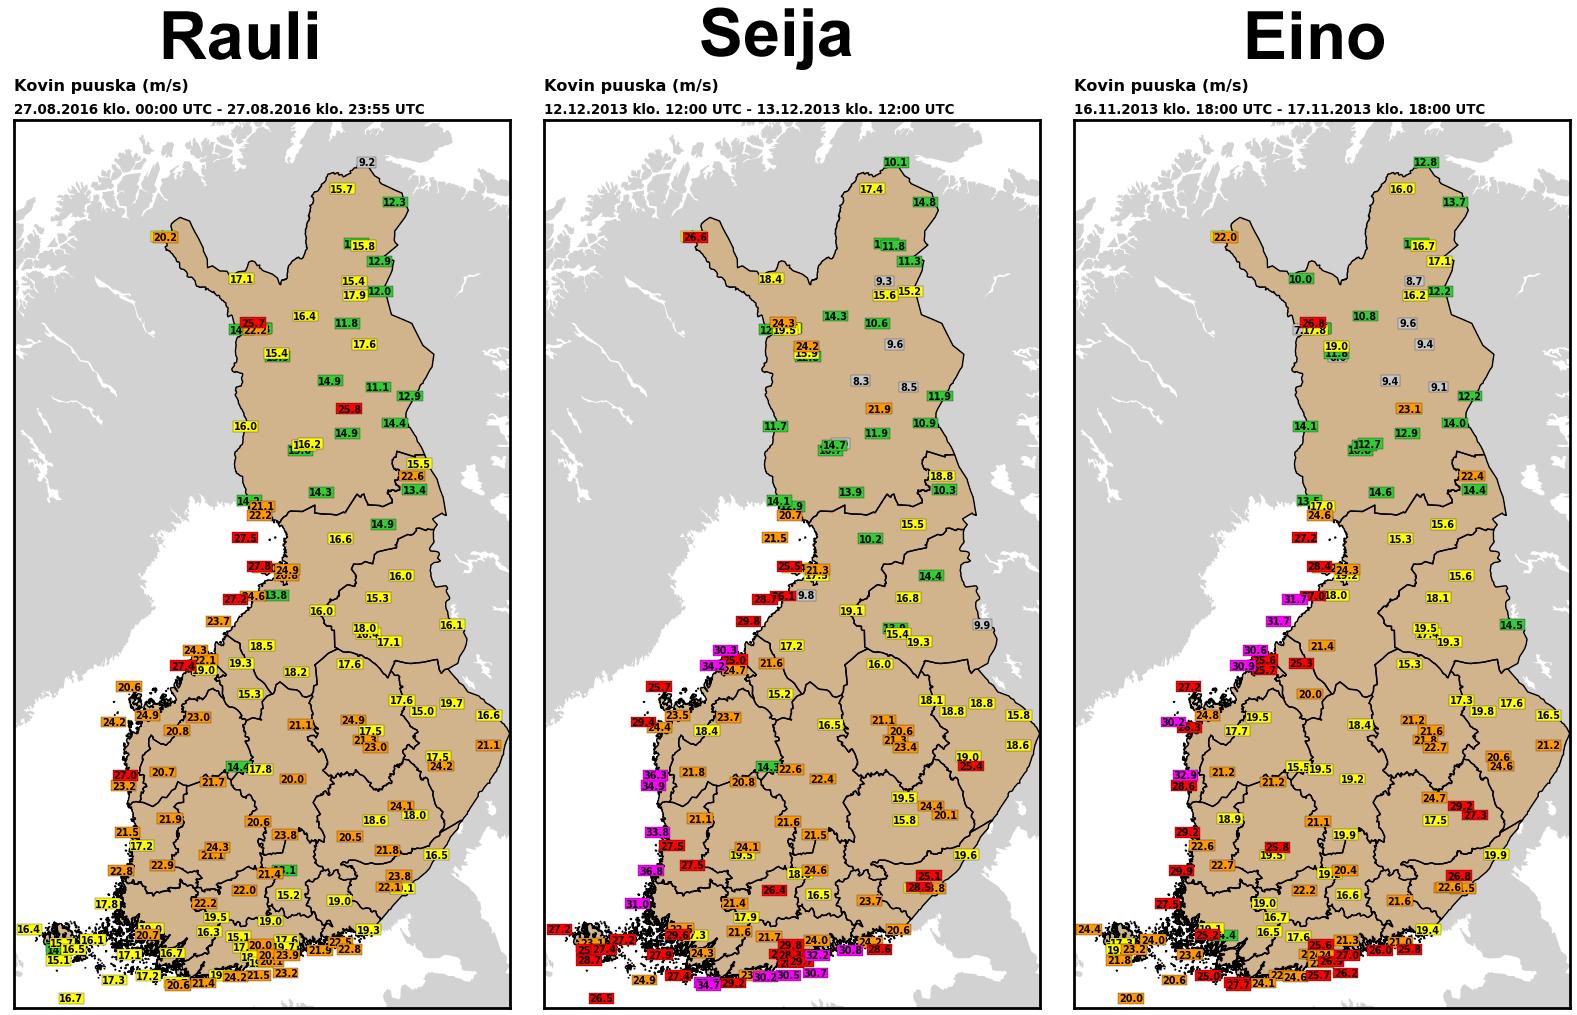 Kovimmat havaitut puuskat Rauli-, Seija- ja Eino-myrskyissä.